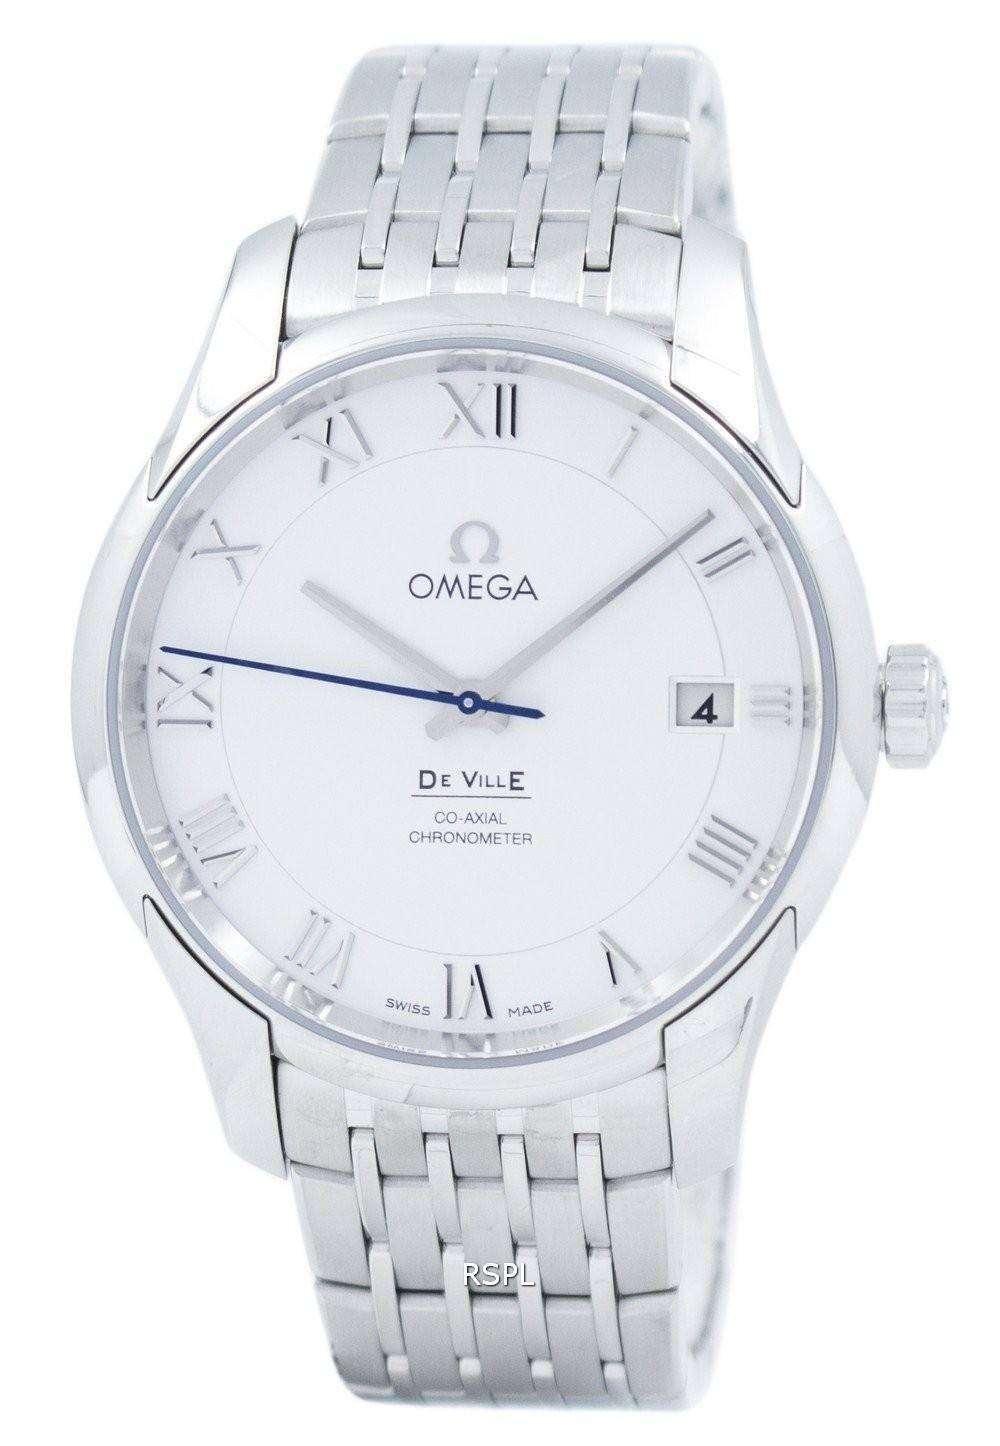 オメガ デ ・ ヴィル コーアクシャル クロノメーター自動 431.10.41.21.02.001 メンズ腕時計